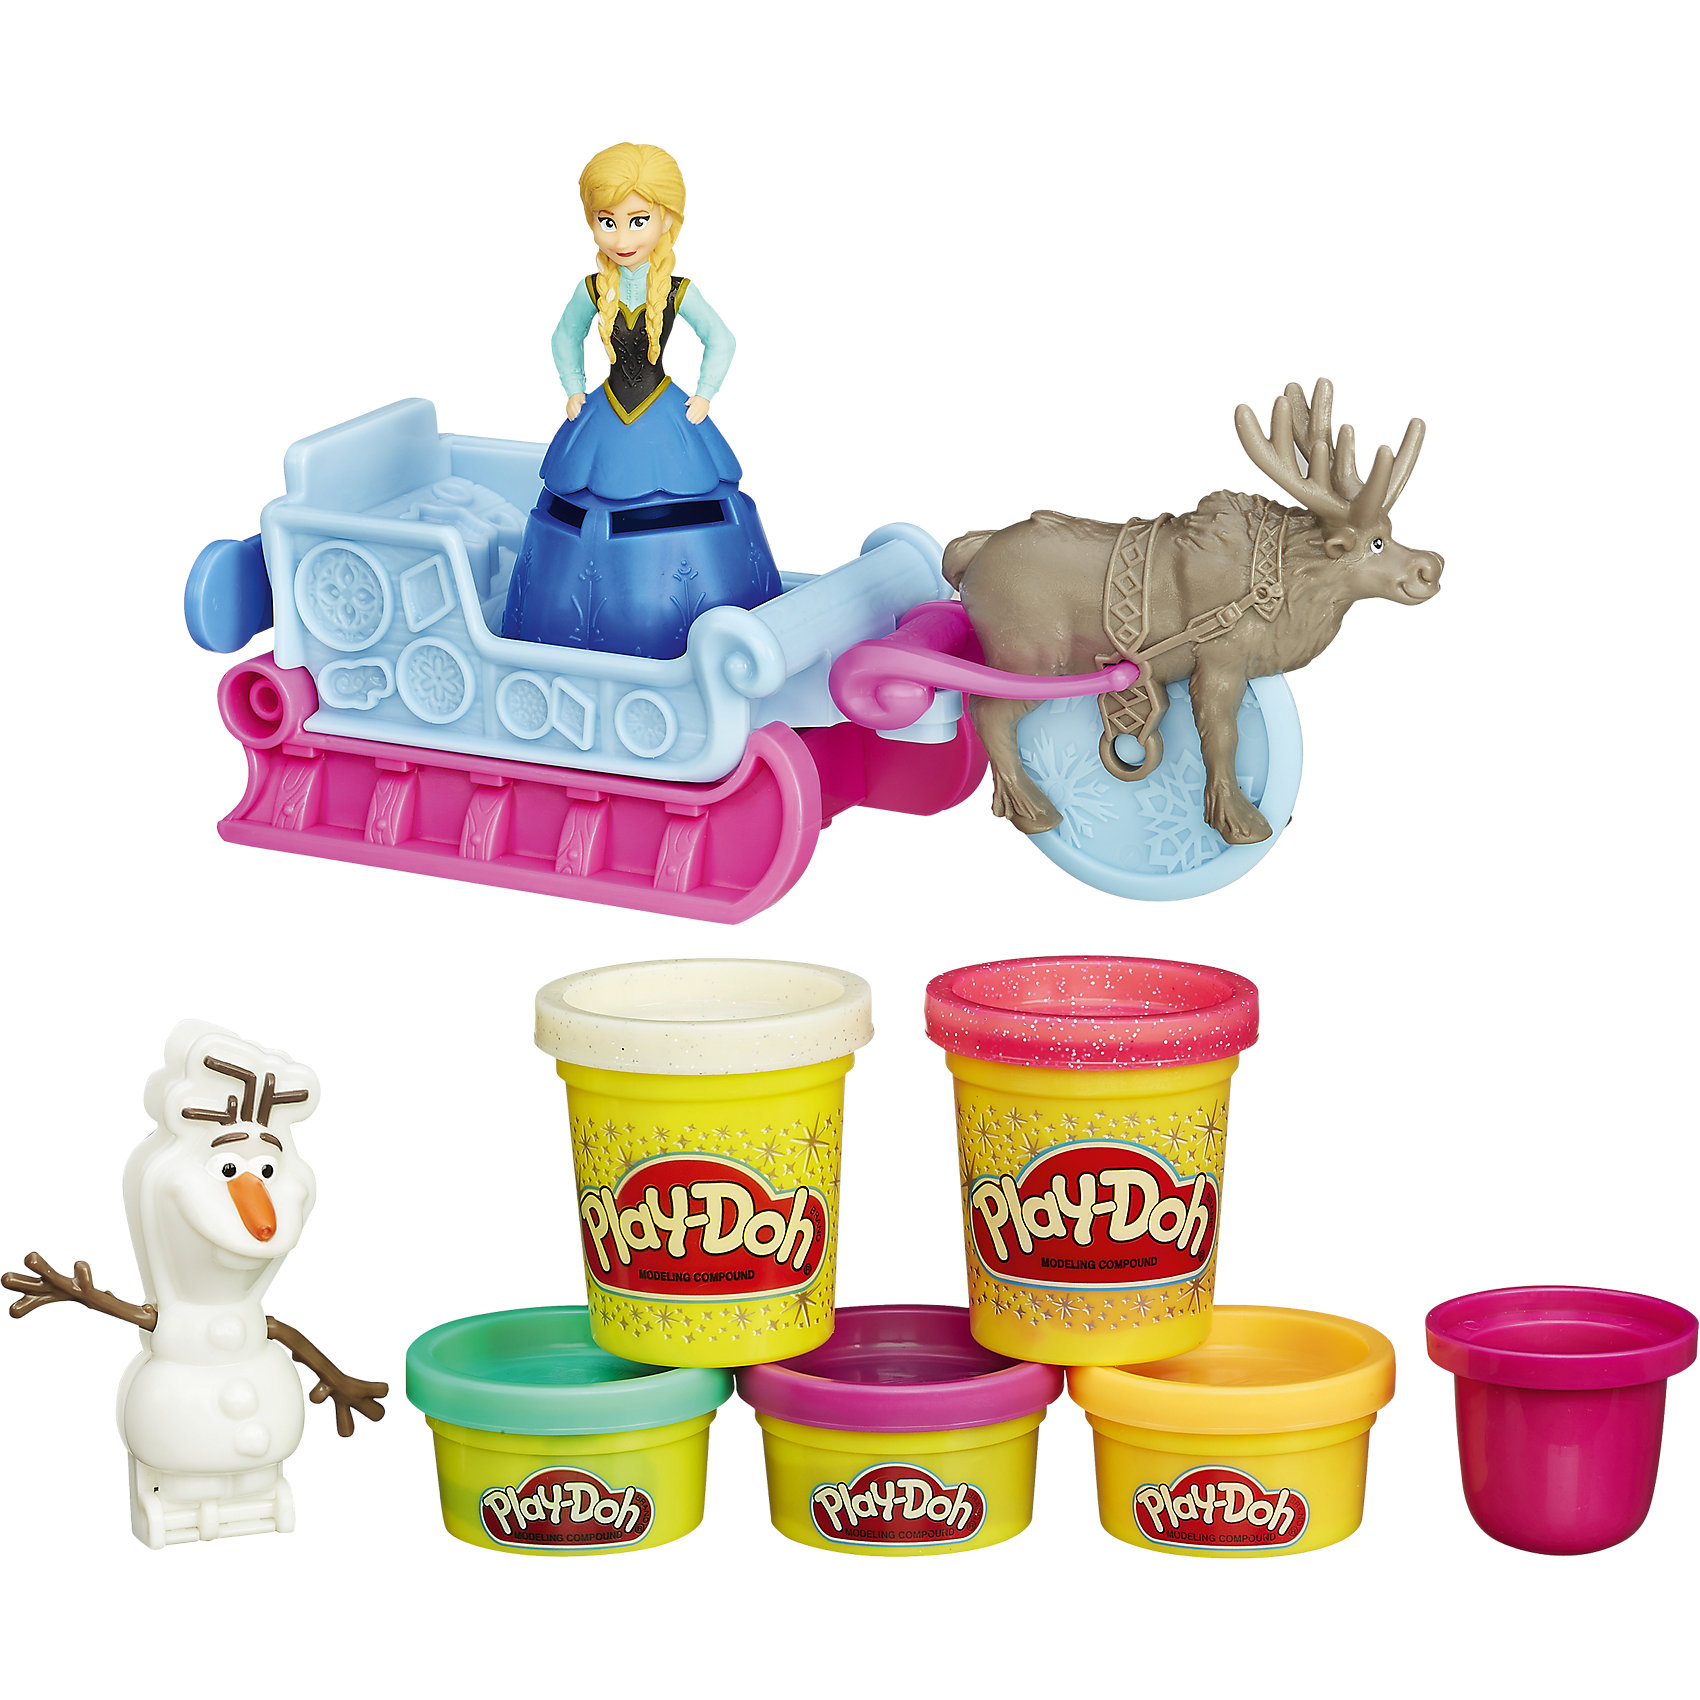 Игровой набор Приключение Анны на санях, Холодное сердце, Play-DohОтправляйся вместе с Анной в зимний поход! Но сначала сделай ей красивую теплую одежду и укрась ее. Ни одна поездка на санях не будет весёлой без Олафа, так что скорее бери складную форму и лепи снеговика. Если нажать на сани, они оставят сверкающий след из снега Play-Doh. Олень Свен может выпрягаться из саней, чтобы помочь разрезать пластилин. А теперь - вперед, к веселым морозным приключениям! <br>Пластилин Play-Doh (Плей До) - уникальный материал для детского творчества. Он не прилипает к рукам, окрашен безопасным красителем, быстро высыхает и не имеет запаха. Пластилин сделан на основе натуральных съедобных продуктов, поэтому даже если ребенок проглотит его, ничего страшного не случится. <br><br>Дополнительная информация:<br><br>- Материал: пластик, пластилин.<br>- Размер упаковки: 21х20х6 см.<br>- Комплектация: 3 мини-баночки блестящего пластилина, 2 баночки пластилина, сани, стек, фигурка Эльзы, фигурка Свена, форма для Олафа.<br><br>Игровой набор Приключение Анны на санях, Холодное сердце Frozen), Play-Doh, можно купить в нашем магазине.<br><br>Ширина мм: 311<br>Глубина мм: 231<br>Высота мм: 60<br>Вес г: 567<br>Возраст от месяцев: 36<br>Возраст до месяцев: 72<br>Пол: Женский<br>Возраст: Детский<br>SKU: 4079487